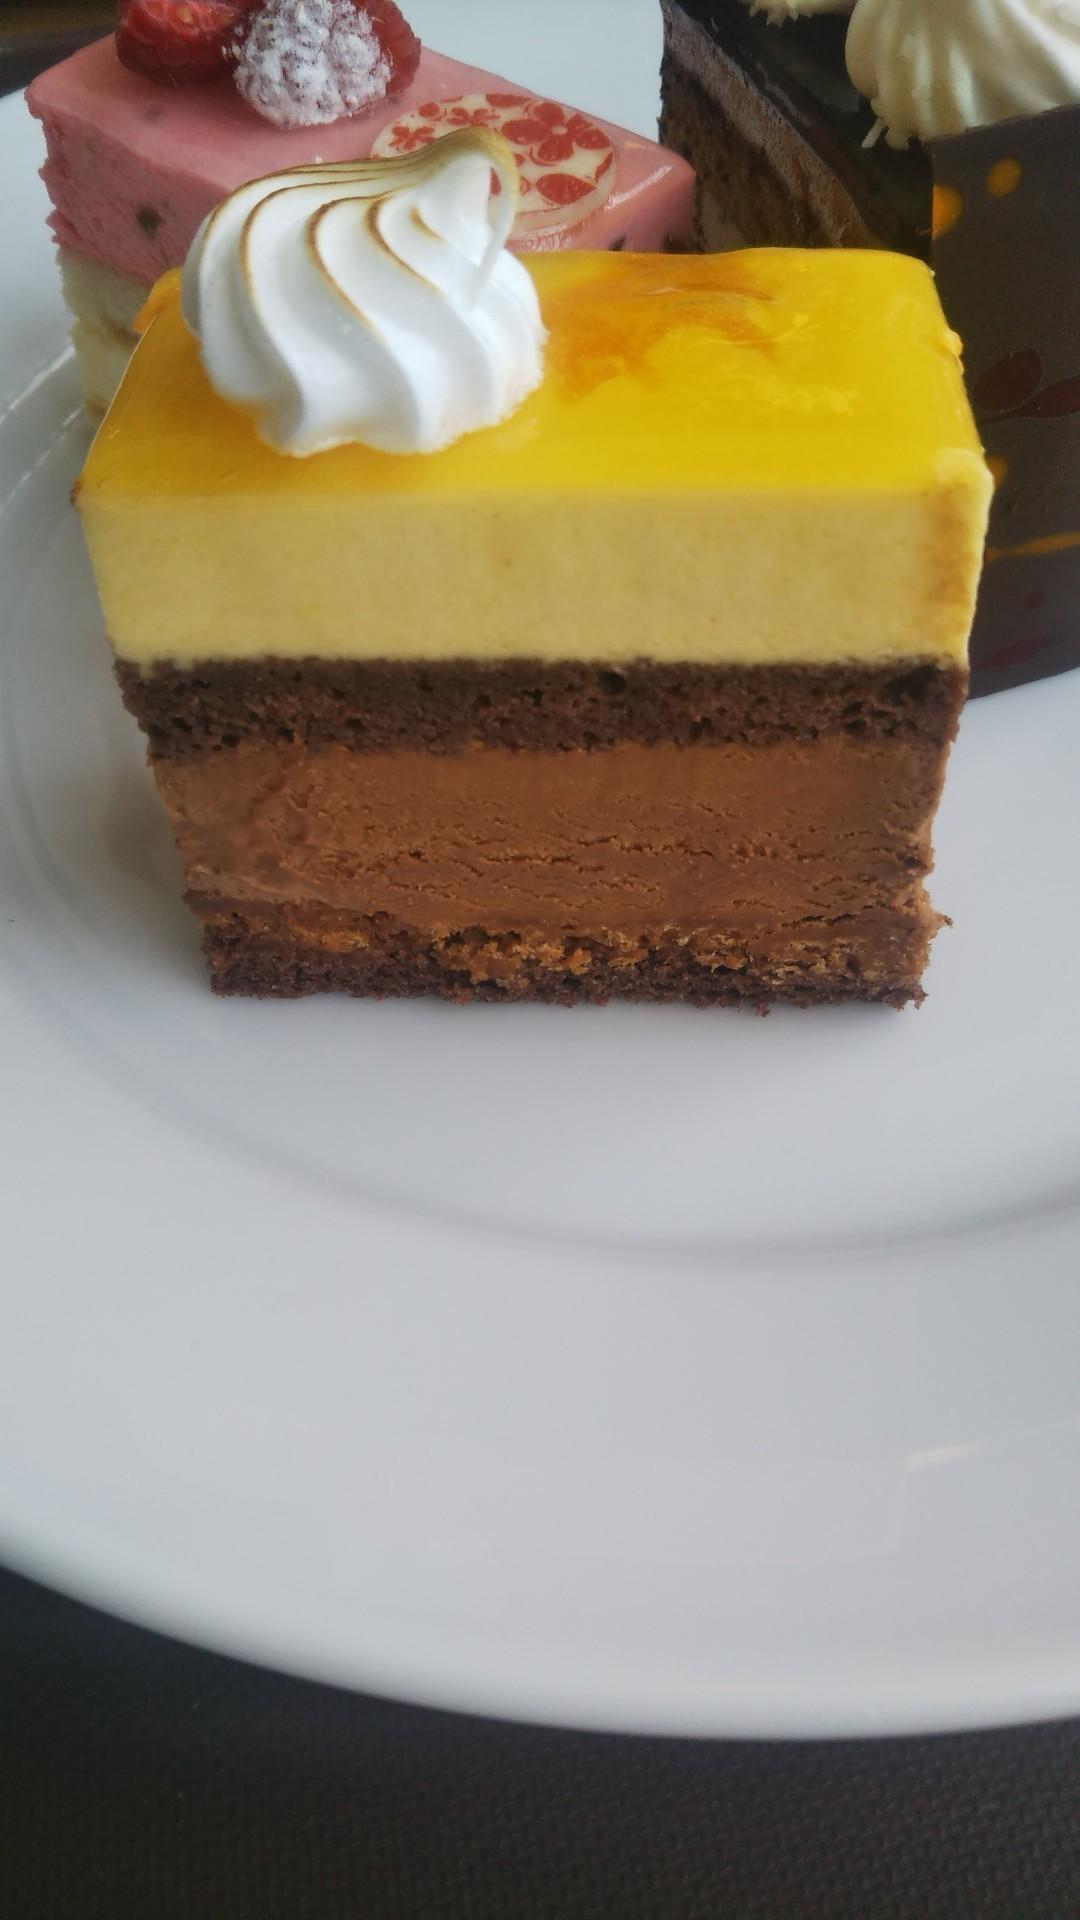 シャトレーゼ ガトーキングダムサッポロ ヴィーニュ Dessert Buffet~夏のべジスイーツフェア~_f0076001_23465721.jpg